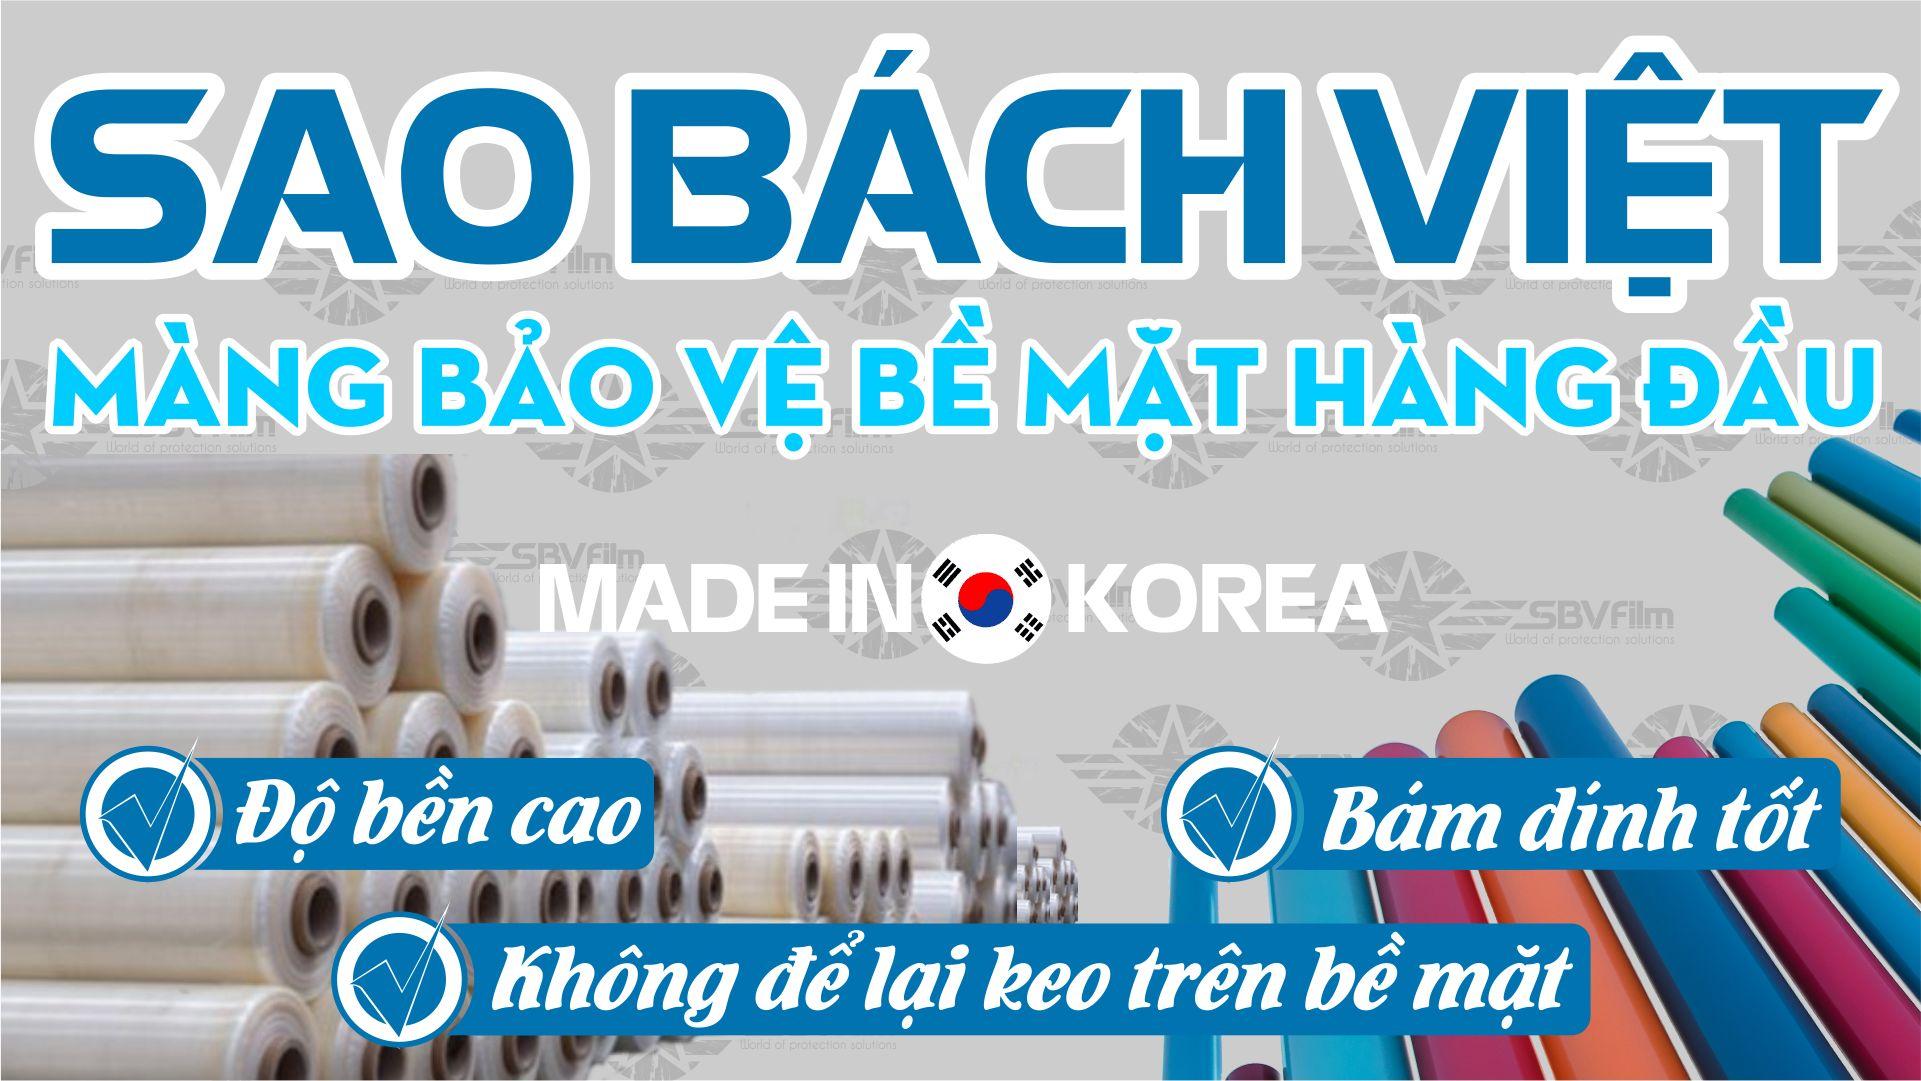 Công ty TNHH Sao Bách Việt - Màng bảo vệ bề mặt